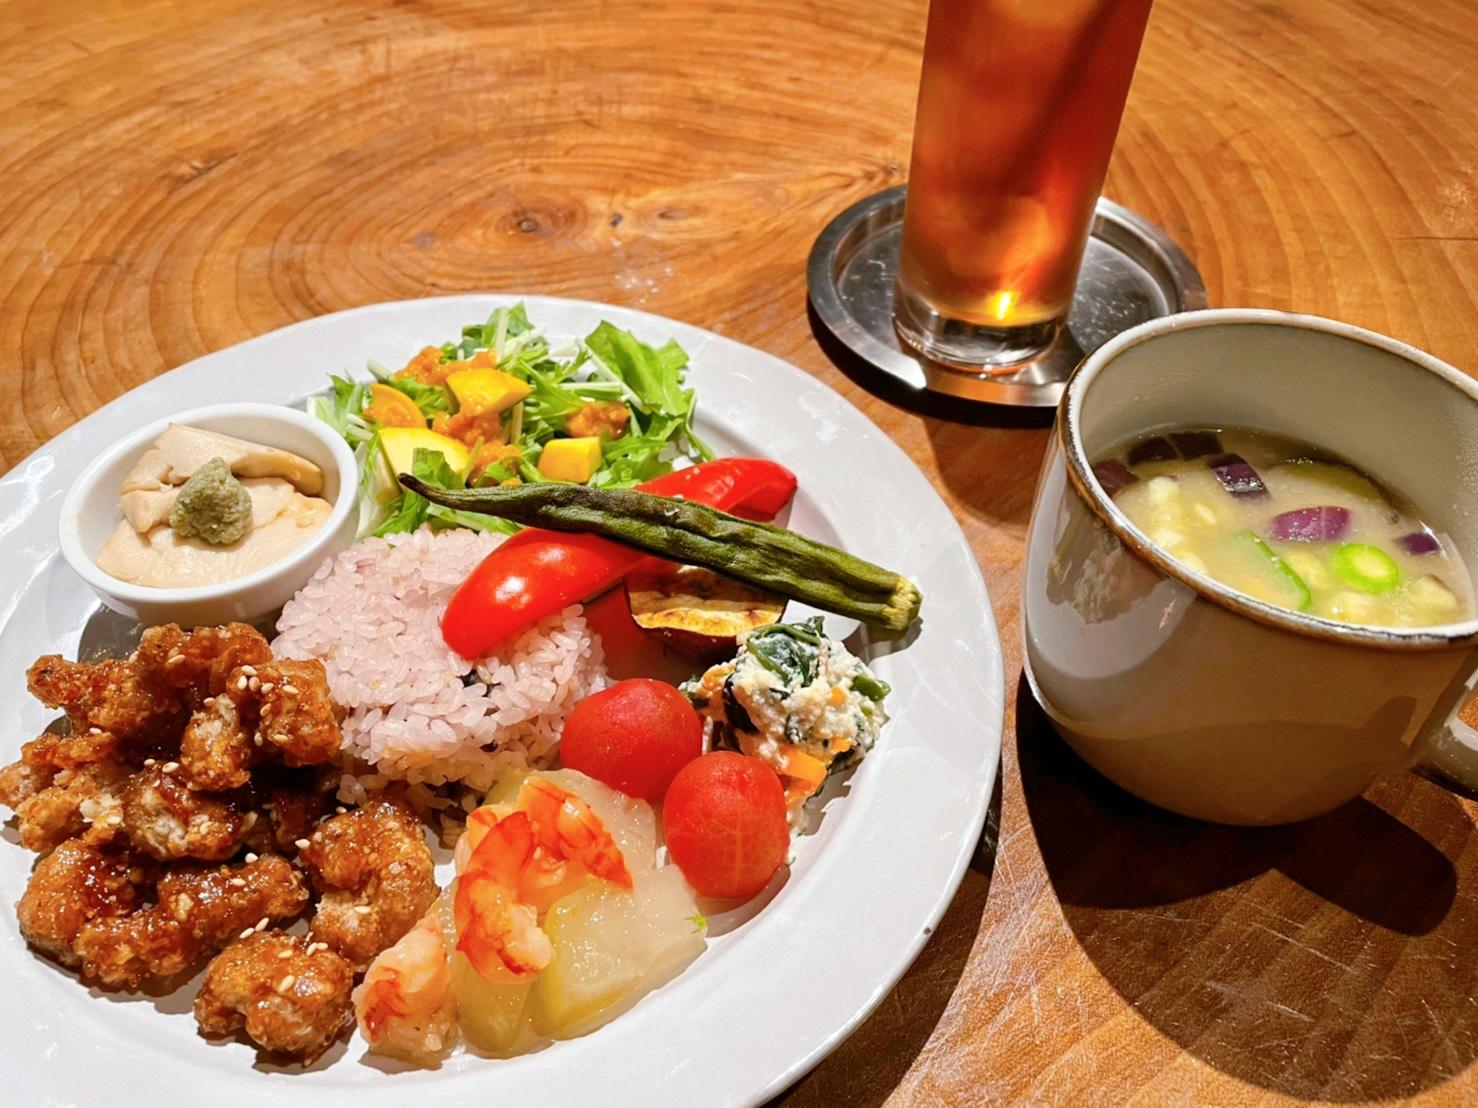 【限定10食】照り焼き大豆ミートとお野菜のプレート(ドリンク付き)